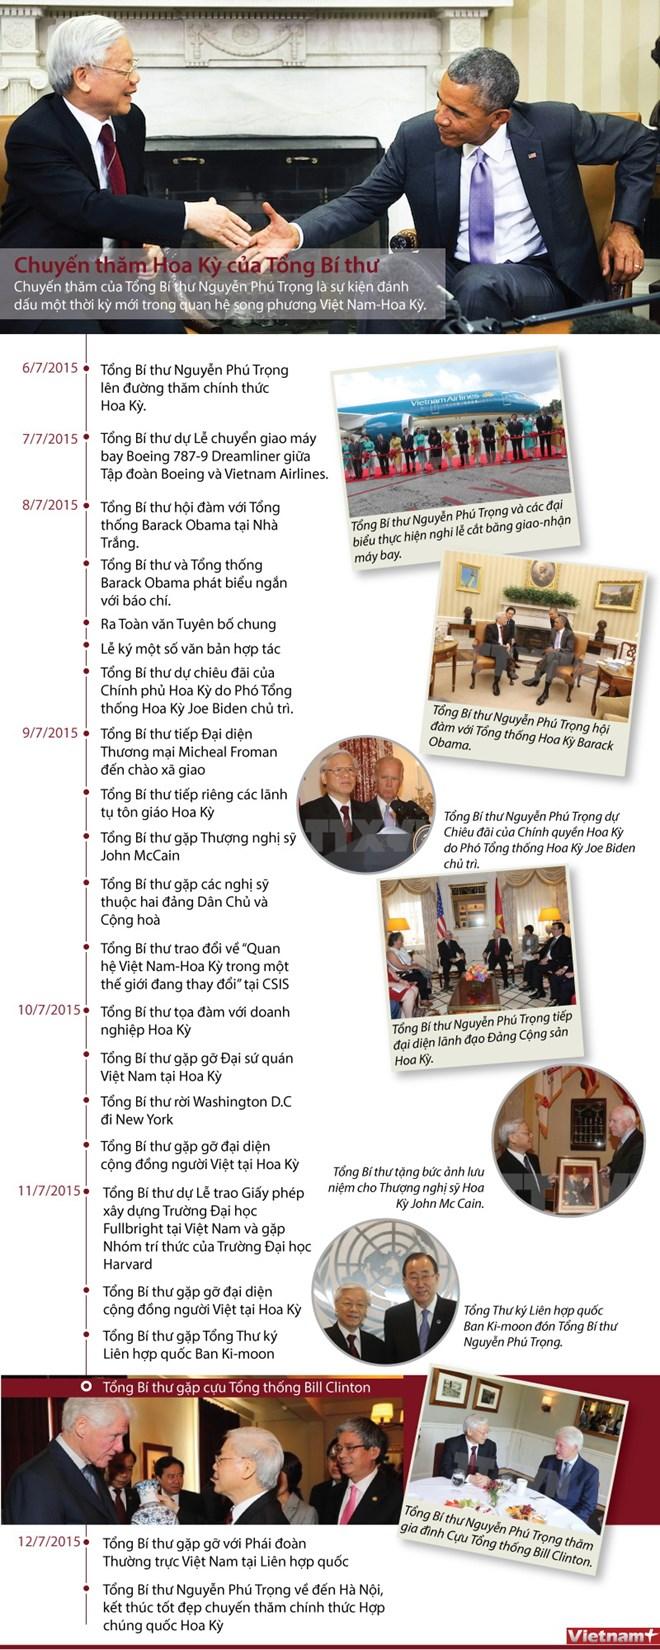 Chuyến thăm Hoa Kỳ của Tổng Bí thư Nguyễn Phú Trọng